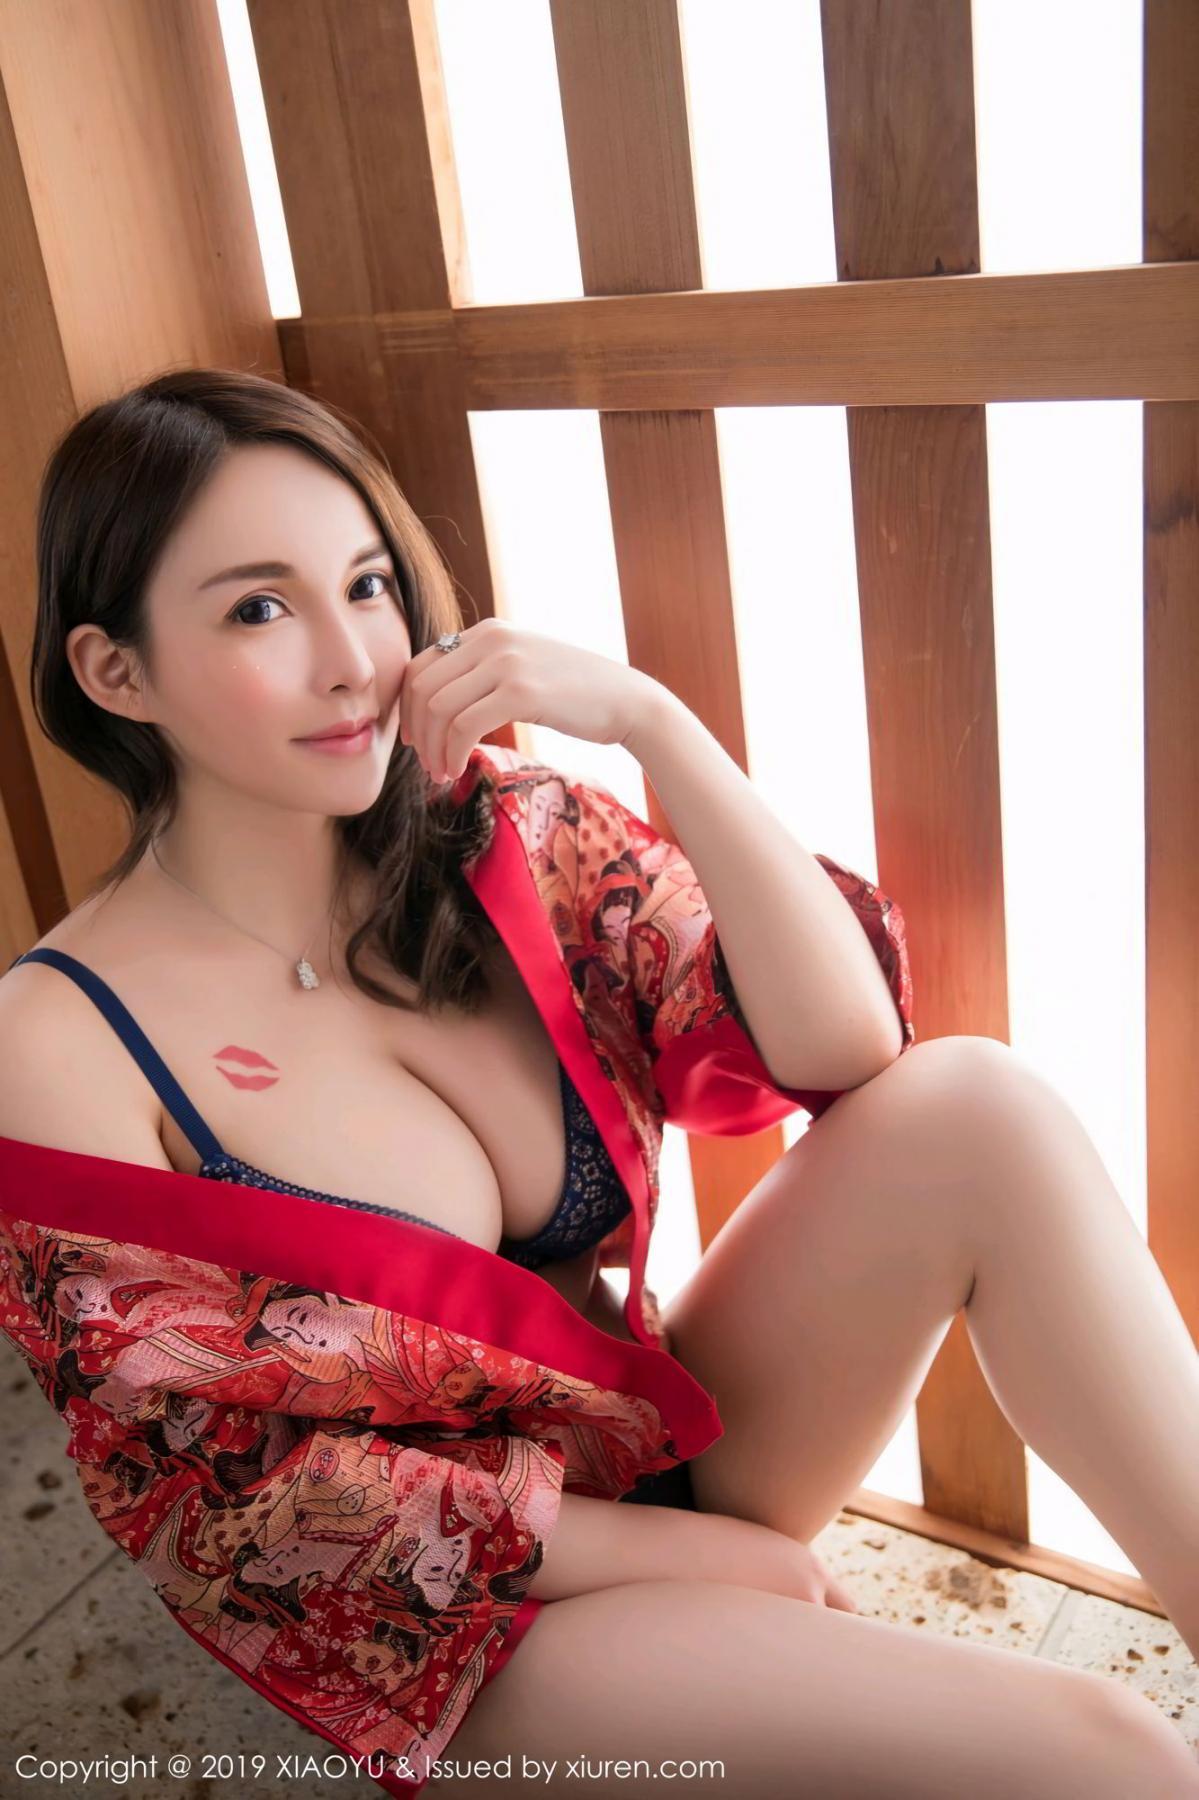 [XiaoYu] Vol.137 Shen Mi Tao 22P, Kimono, Shen Mi Tao, Underwear, XiaoYu